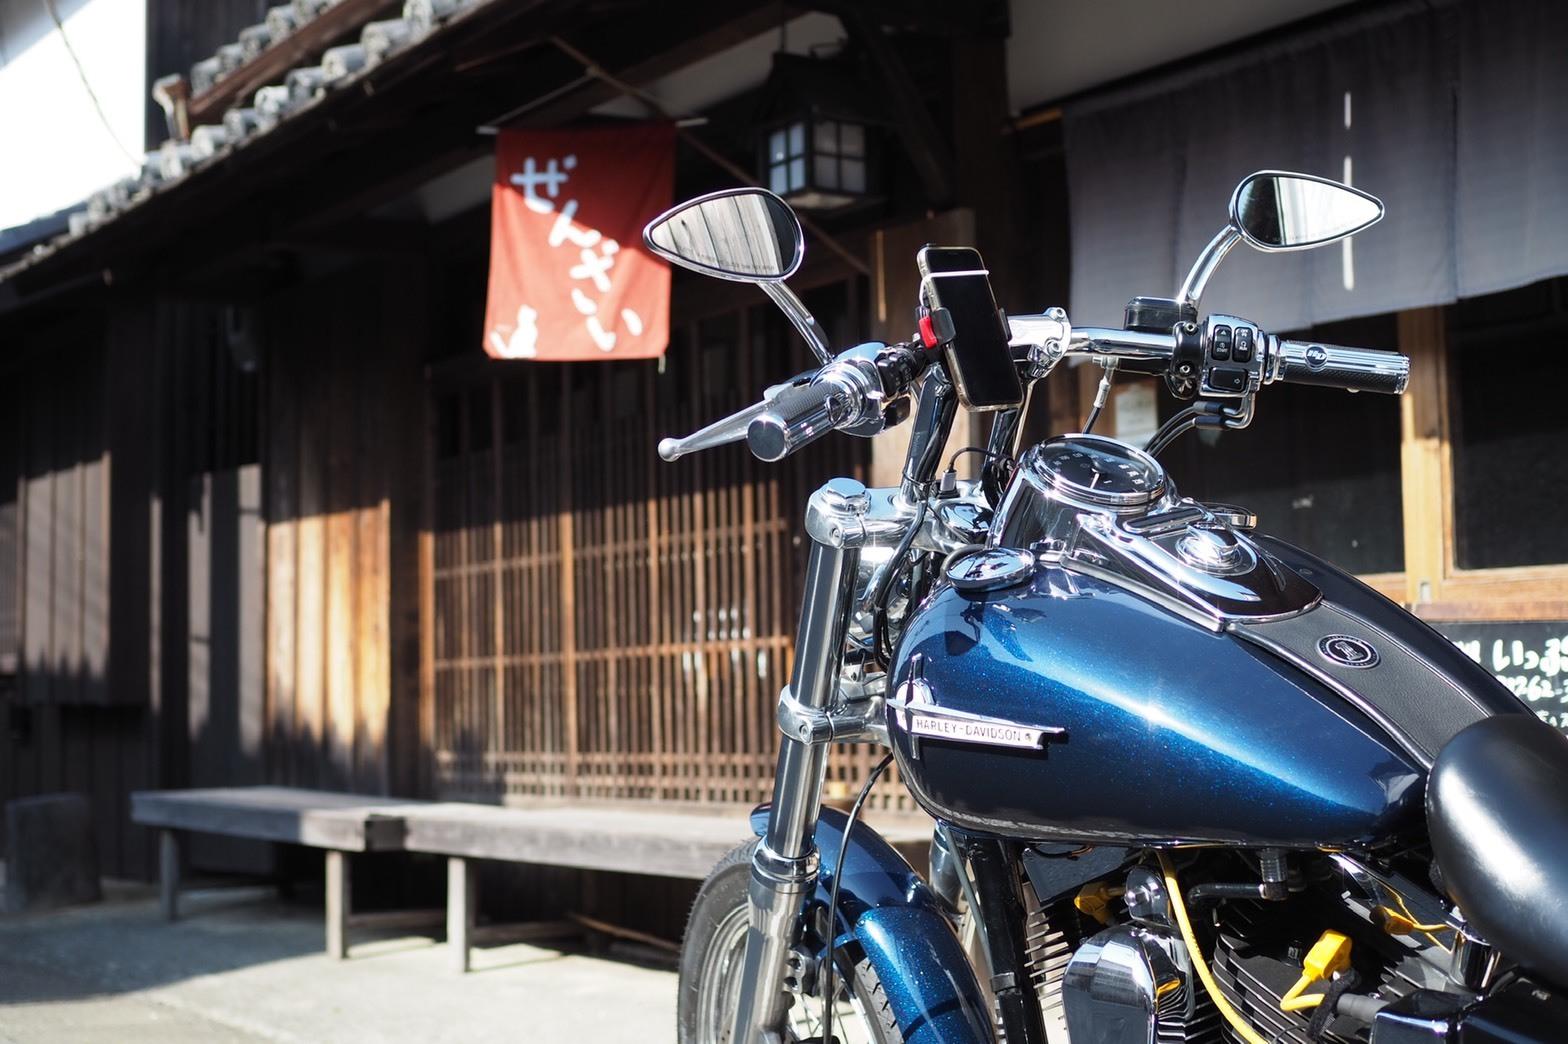 老舗 歴史 伝統 和歌山 湯浅町 古い町並み 醤油発祥の地 ぜんざい